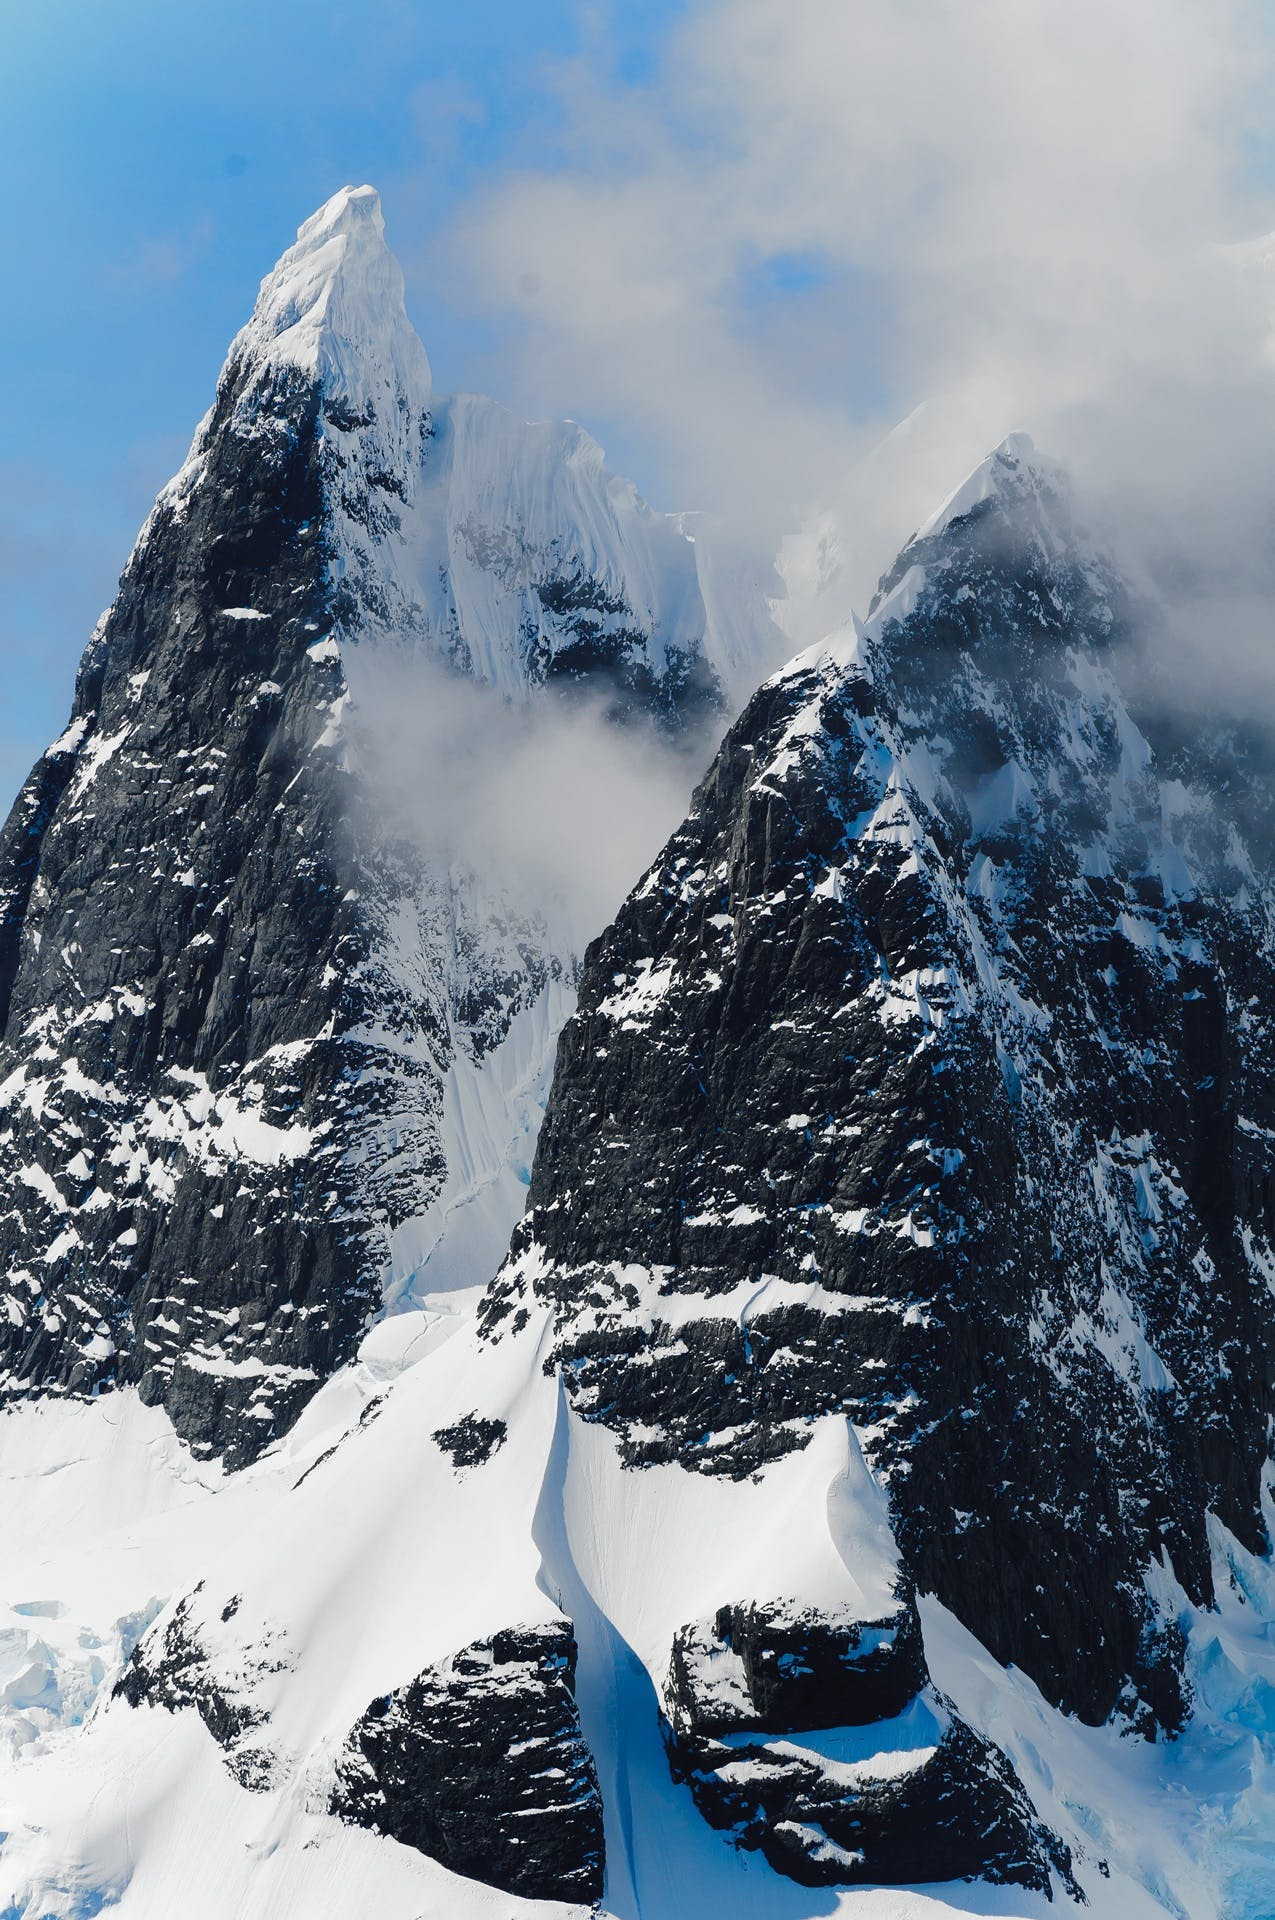 Gratis lagerfoto af bjerg, bjergtop, forkølelse, landskab